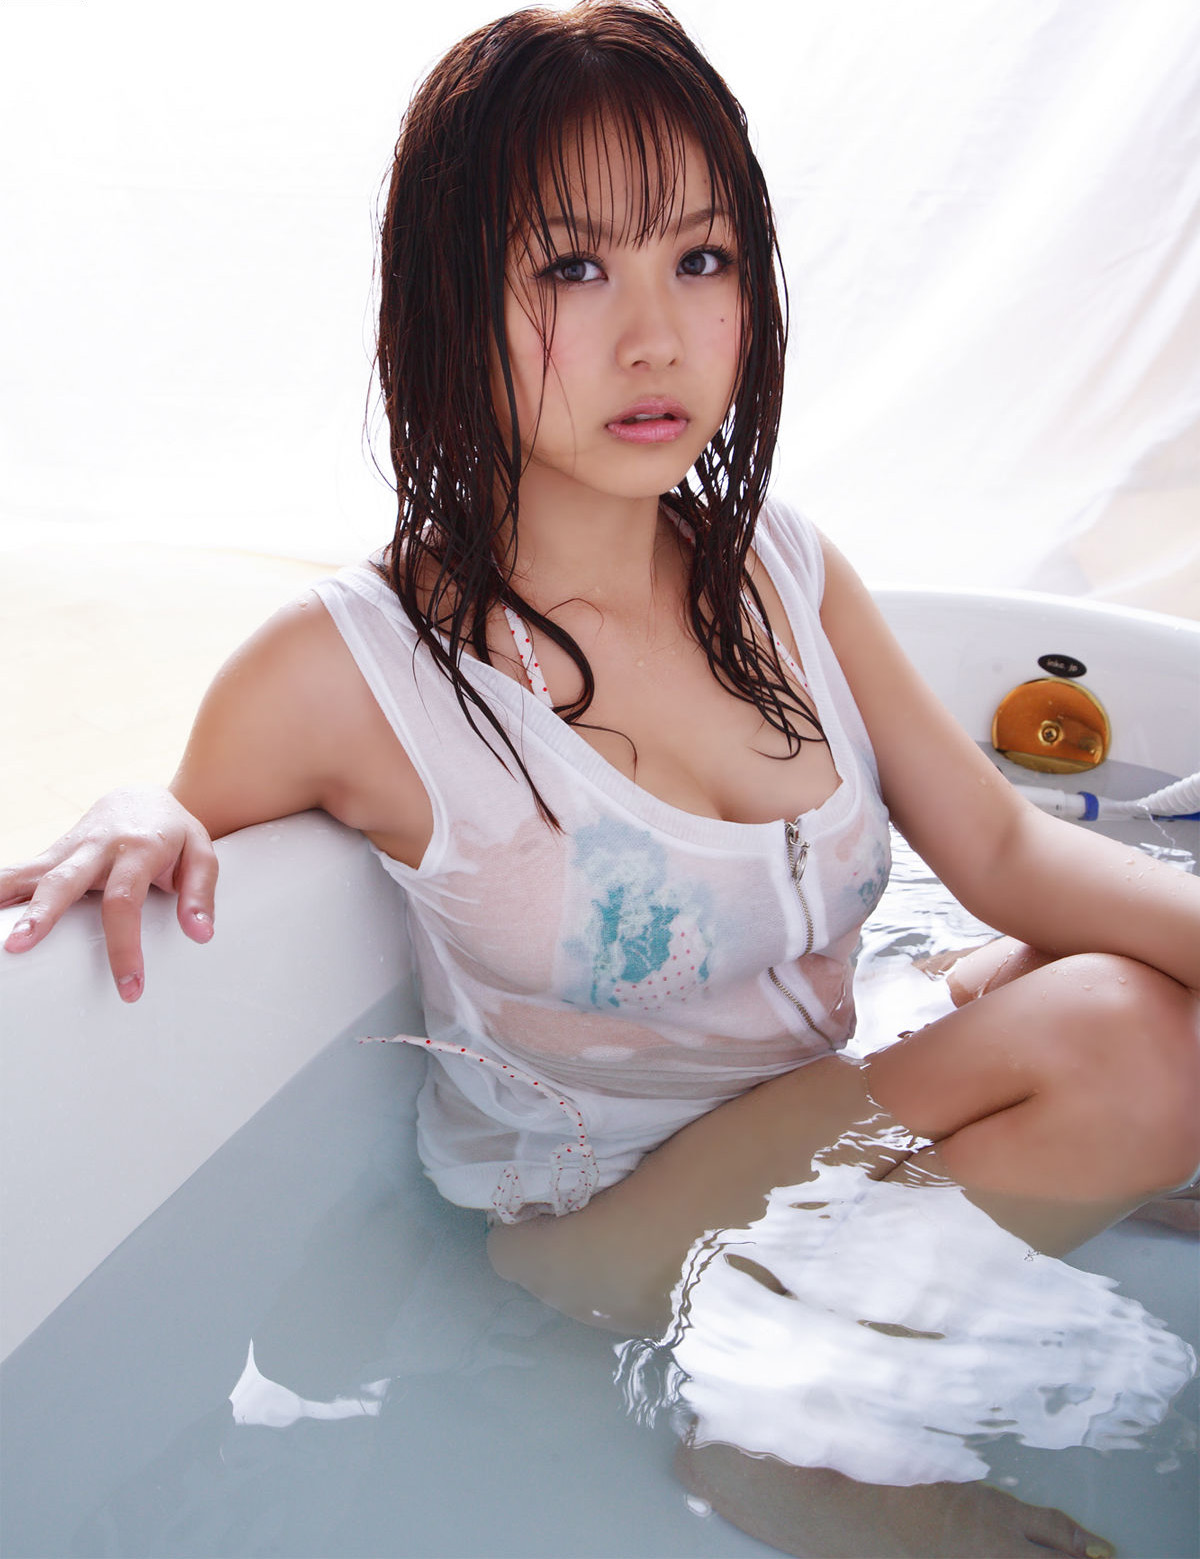 西田麻衣 画像 高画質 97